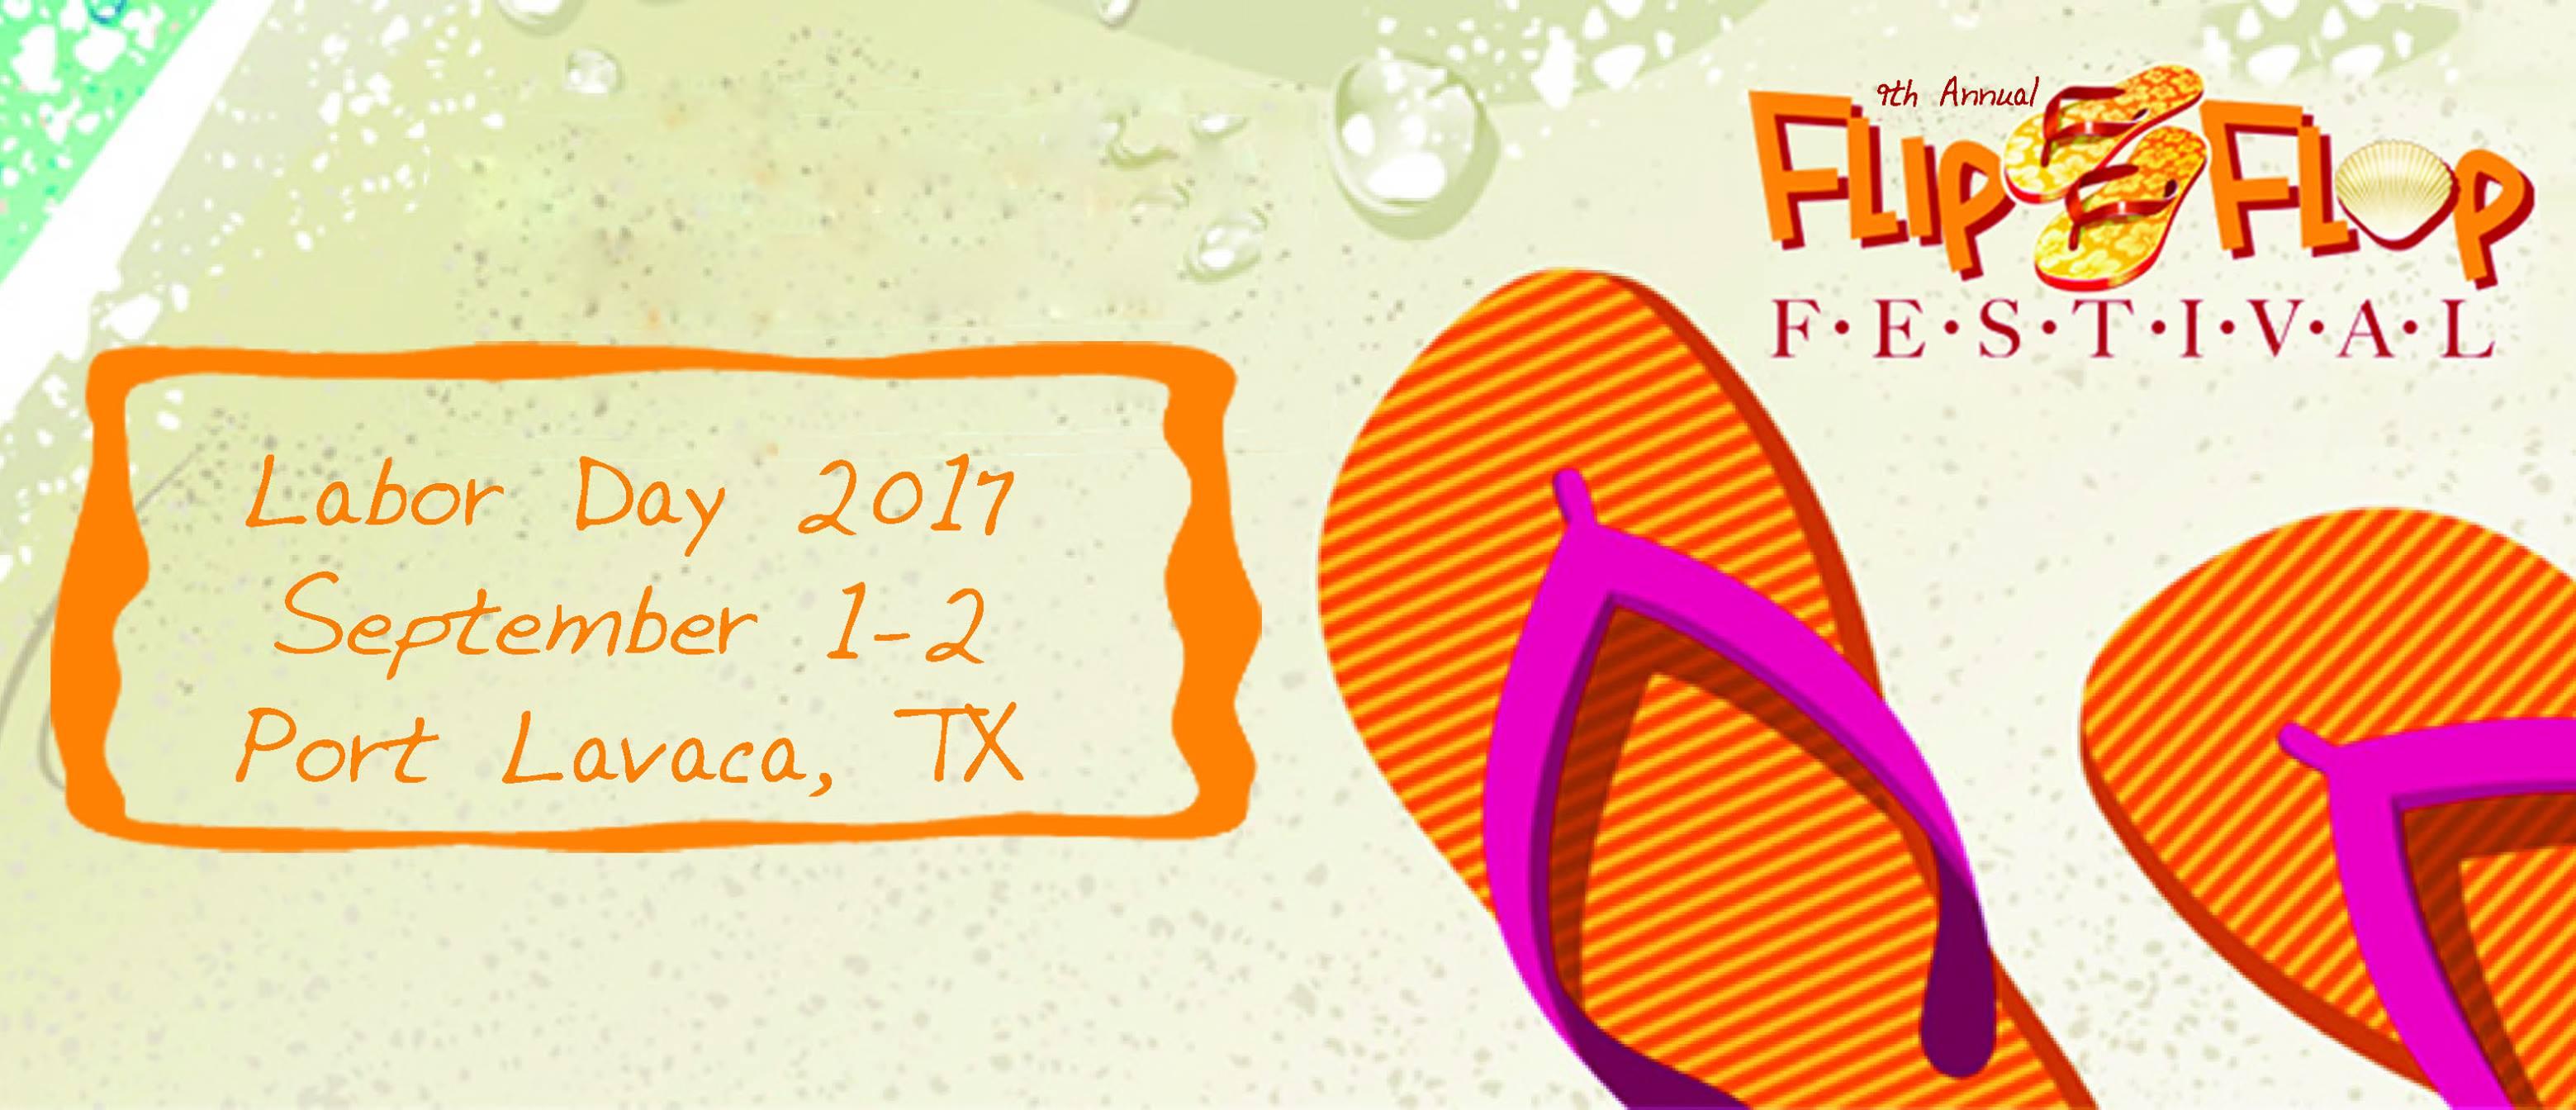 Flip Flop Festival 2017